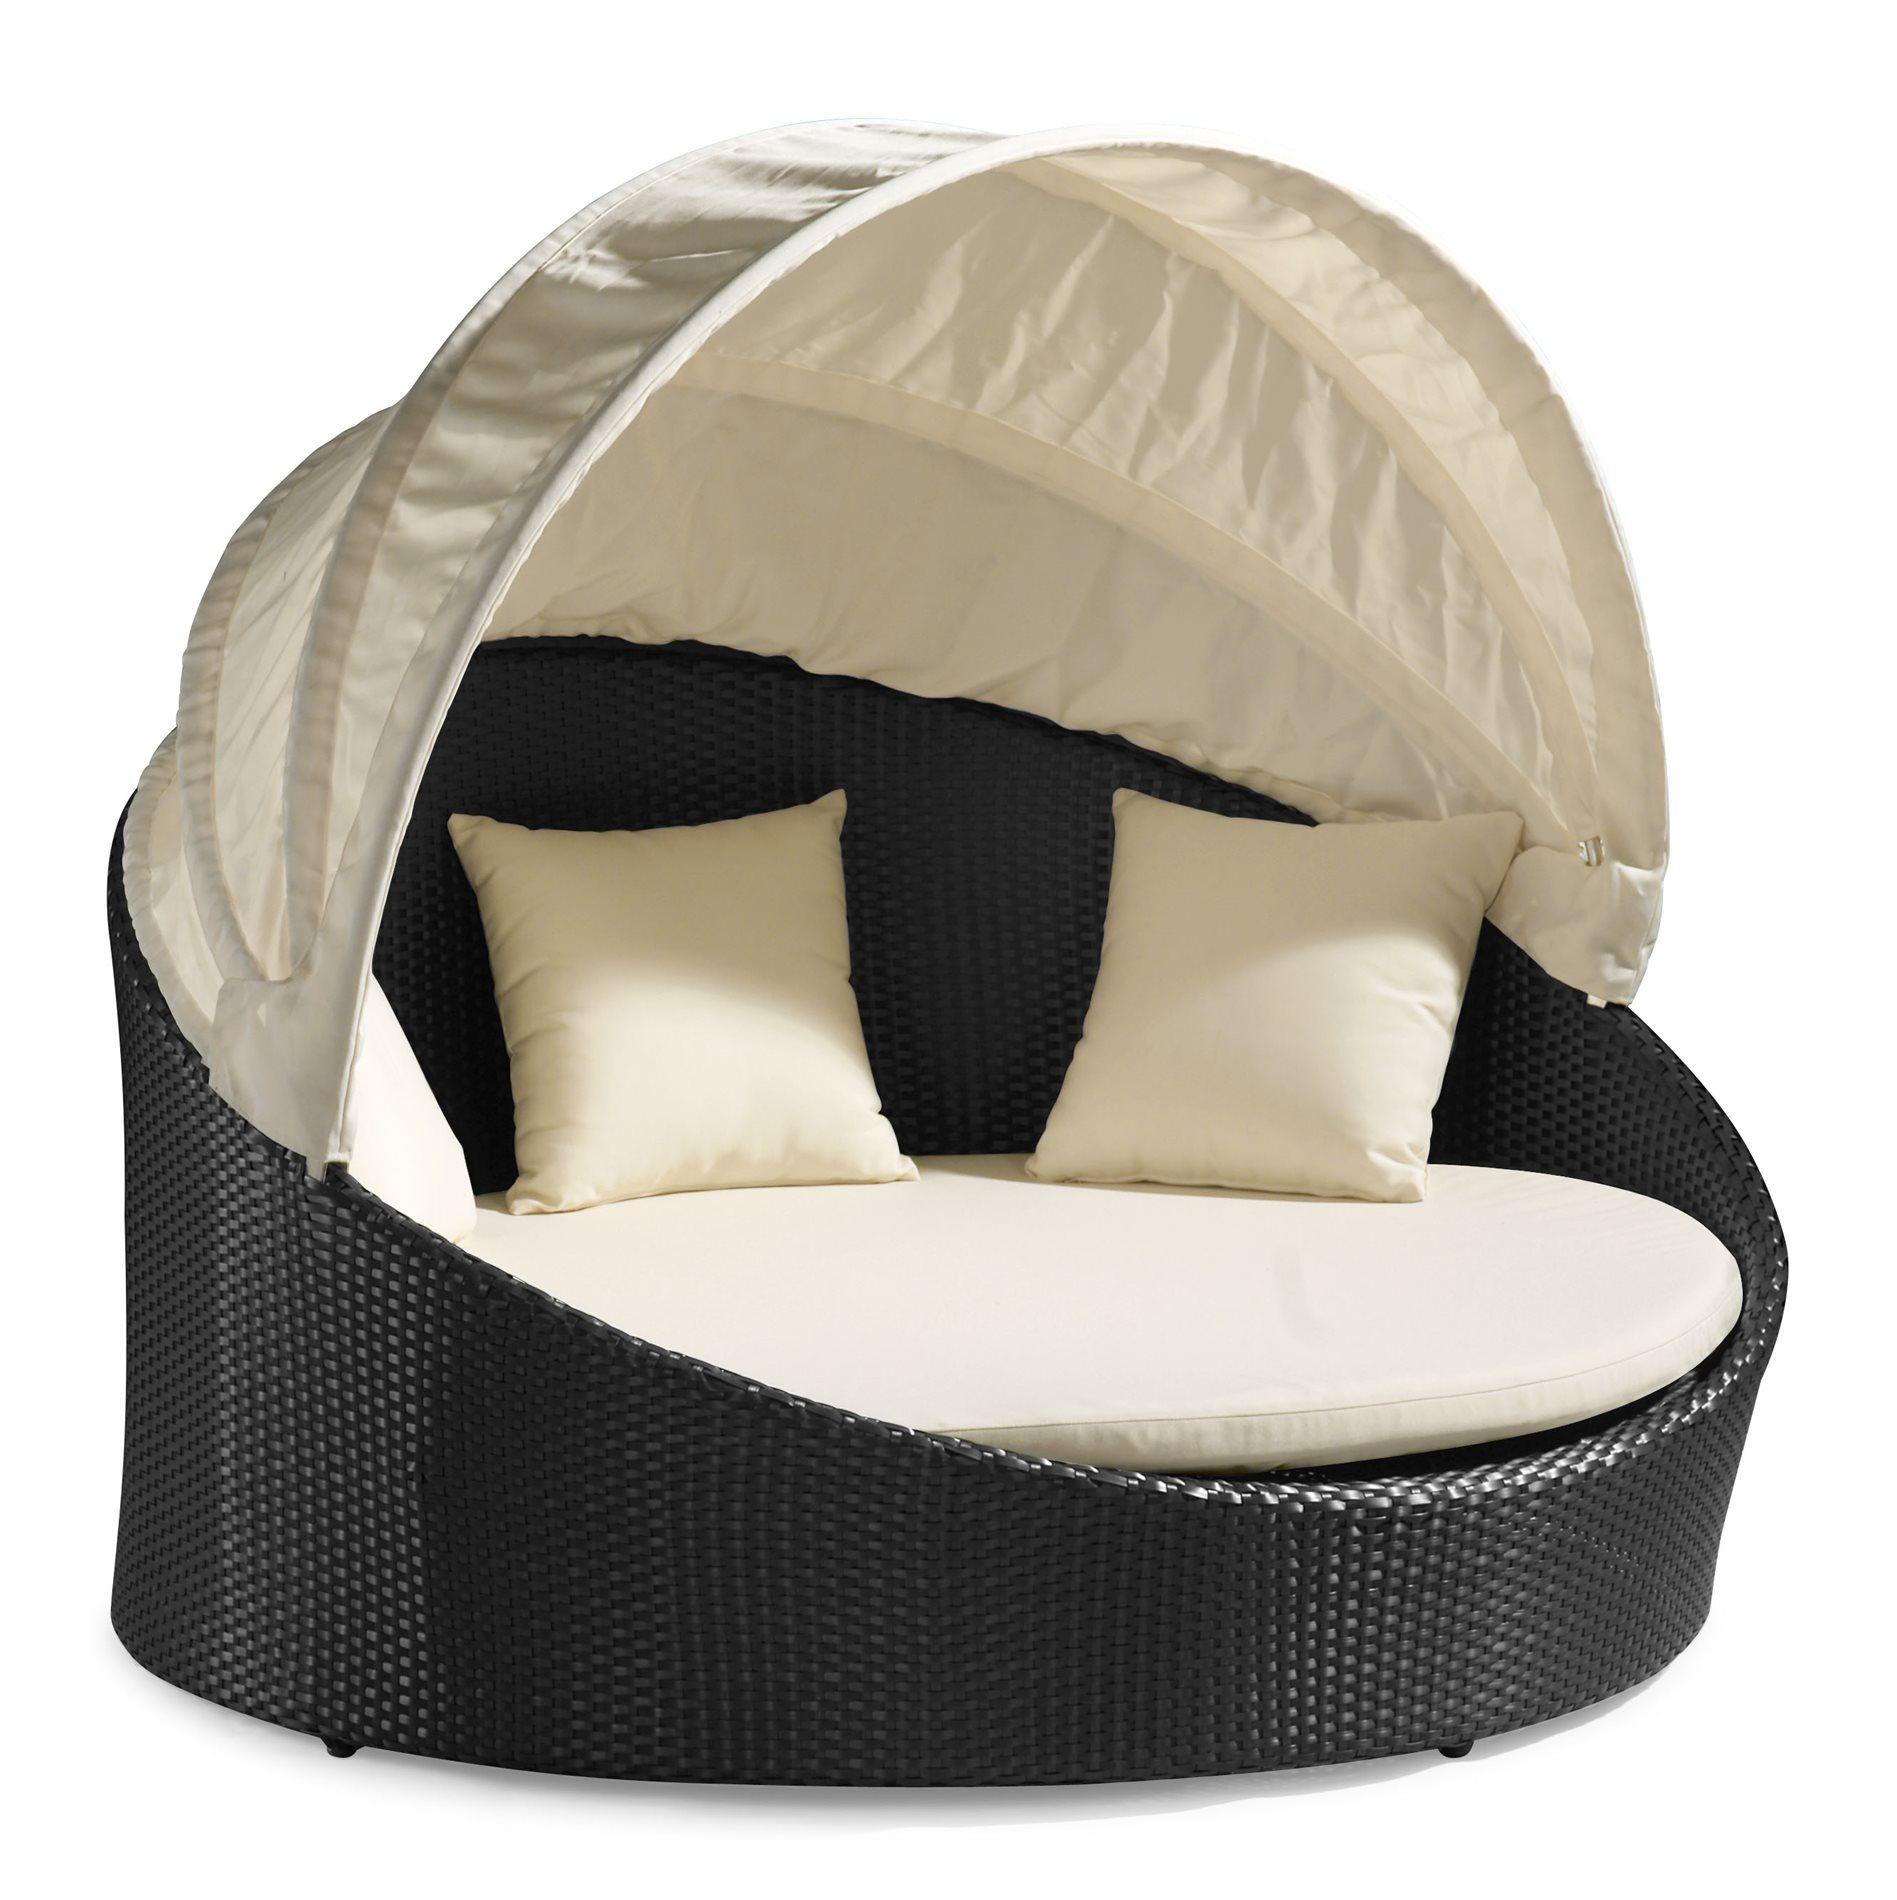 Best Studio D6 Colva Outdoor Canopy Bed Xmz 851107 Outdoor 400 x 300